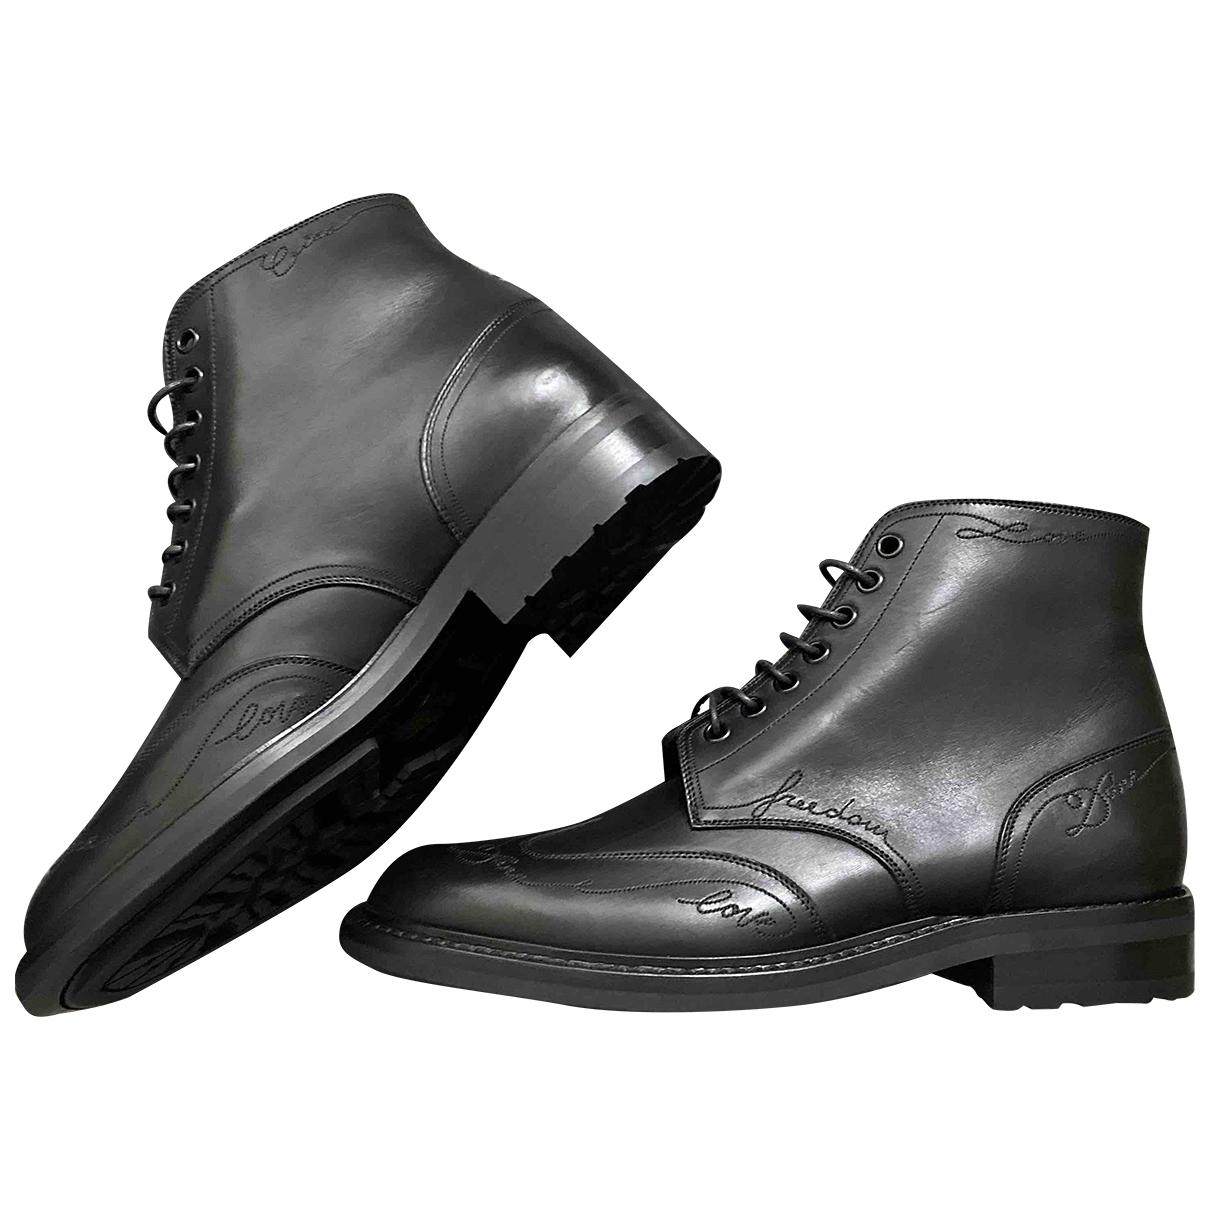 Saint Laurent Army Black Leather Boots for Men 41.5 EU